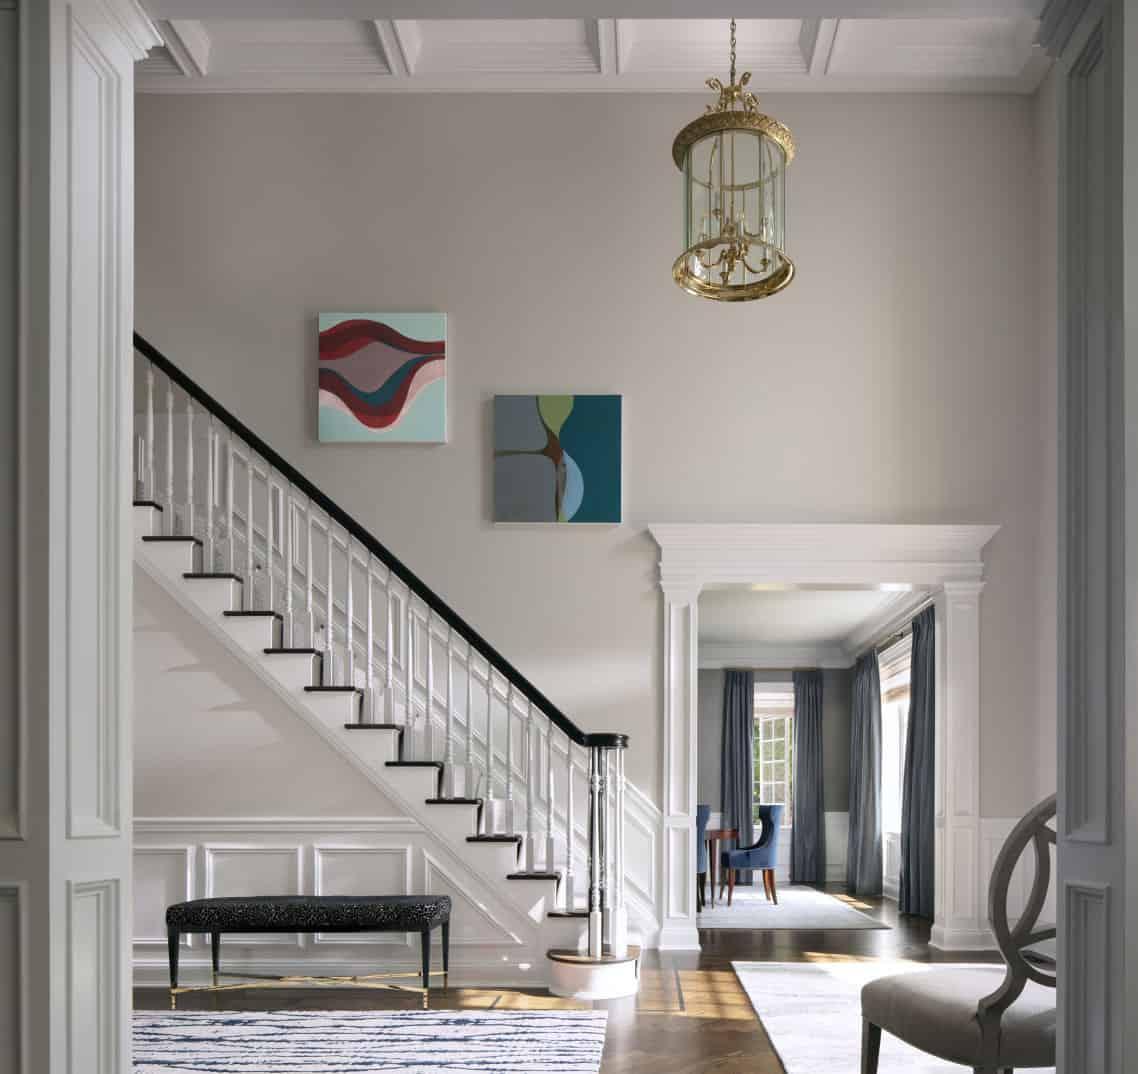 suvremeni-dom-ulaz-sa-stubištem